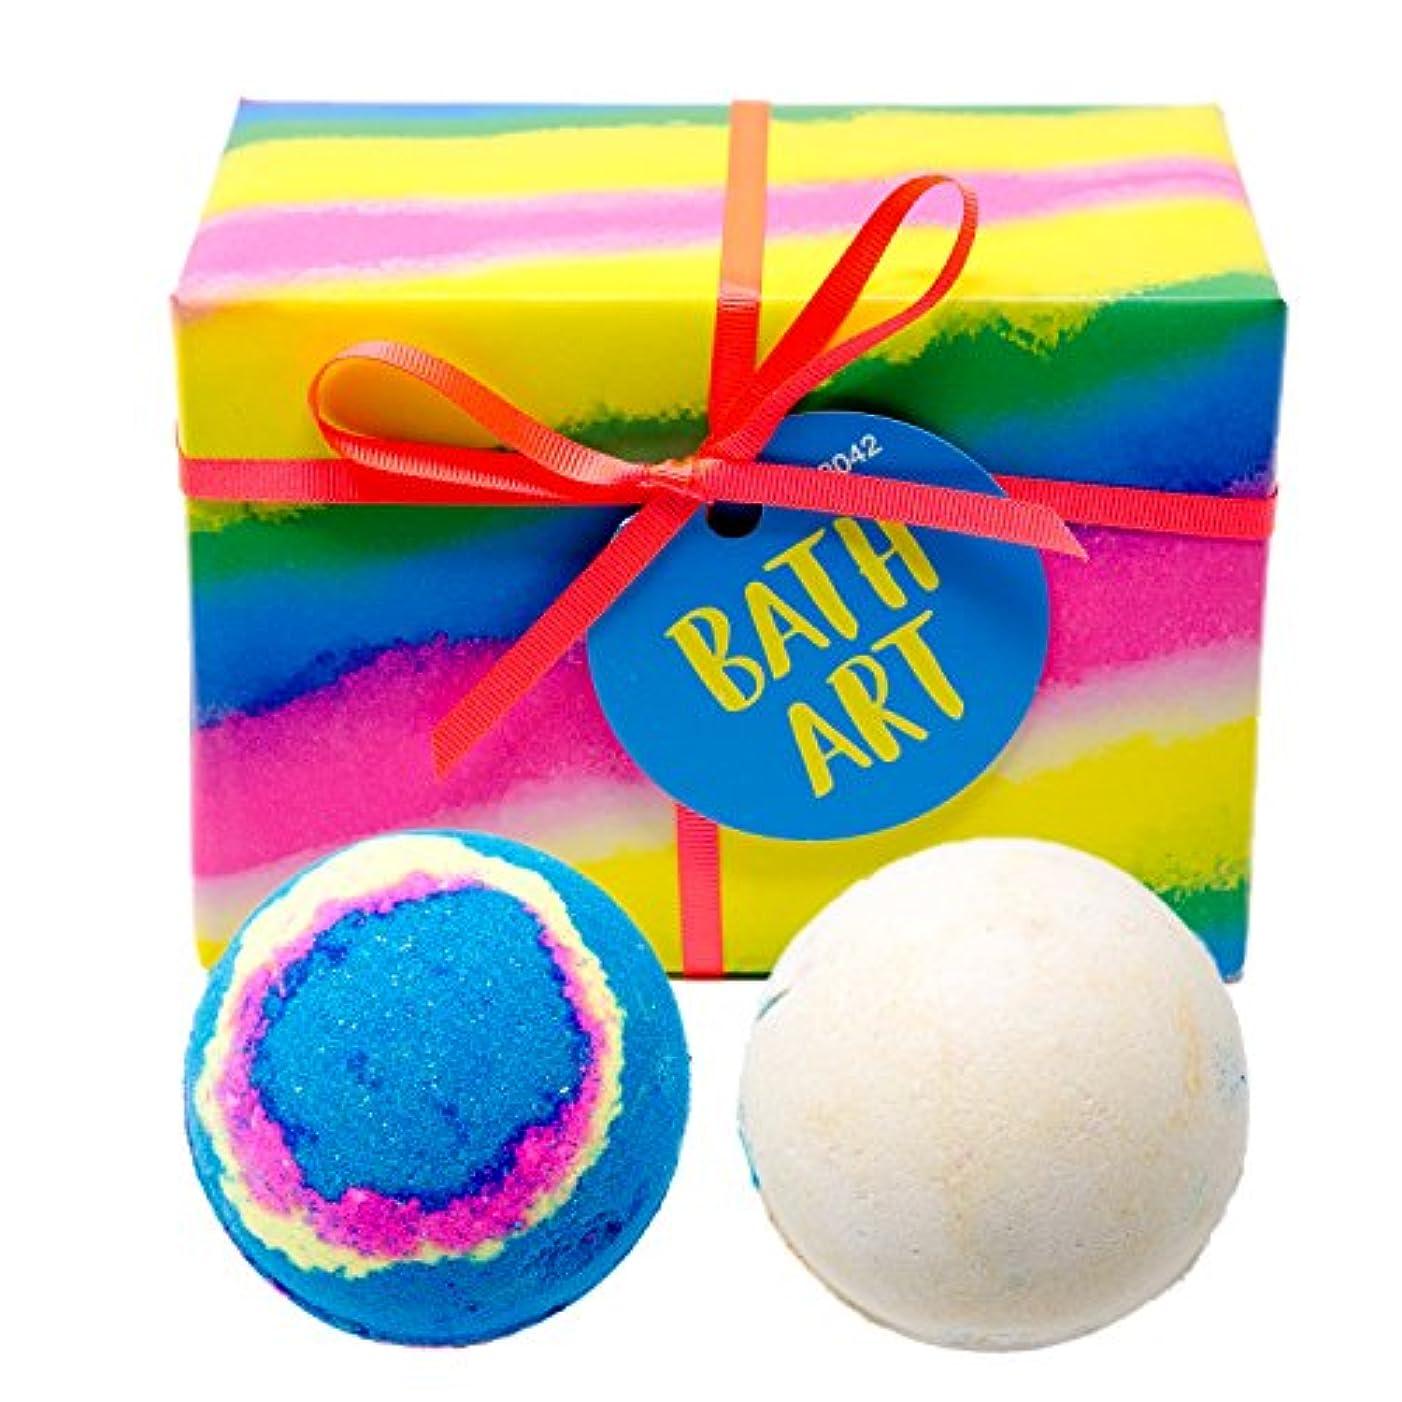 フォーム扇動バスケットボール(ラッシュ) LUSH Bath Art バスアート ギフトセット ショップバッグ付き